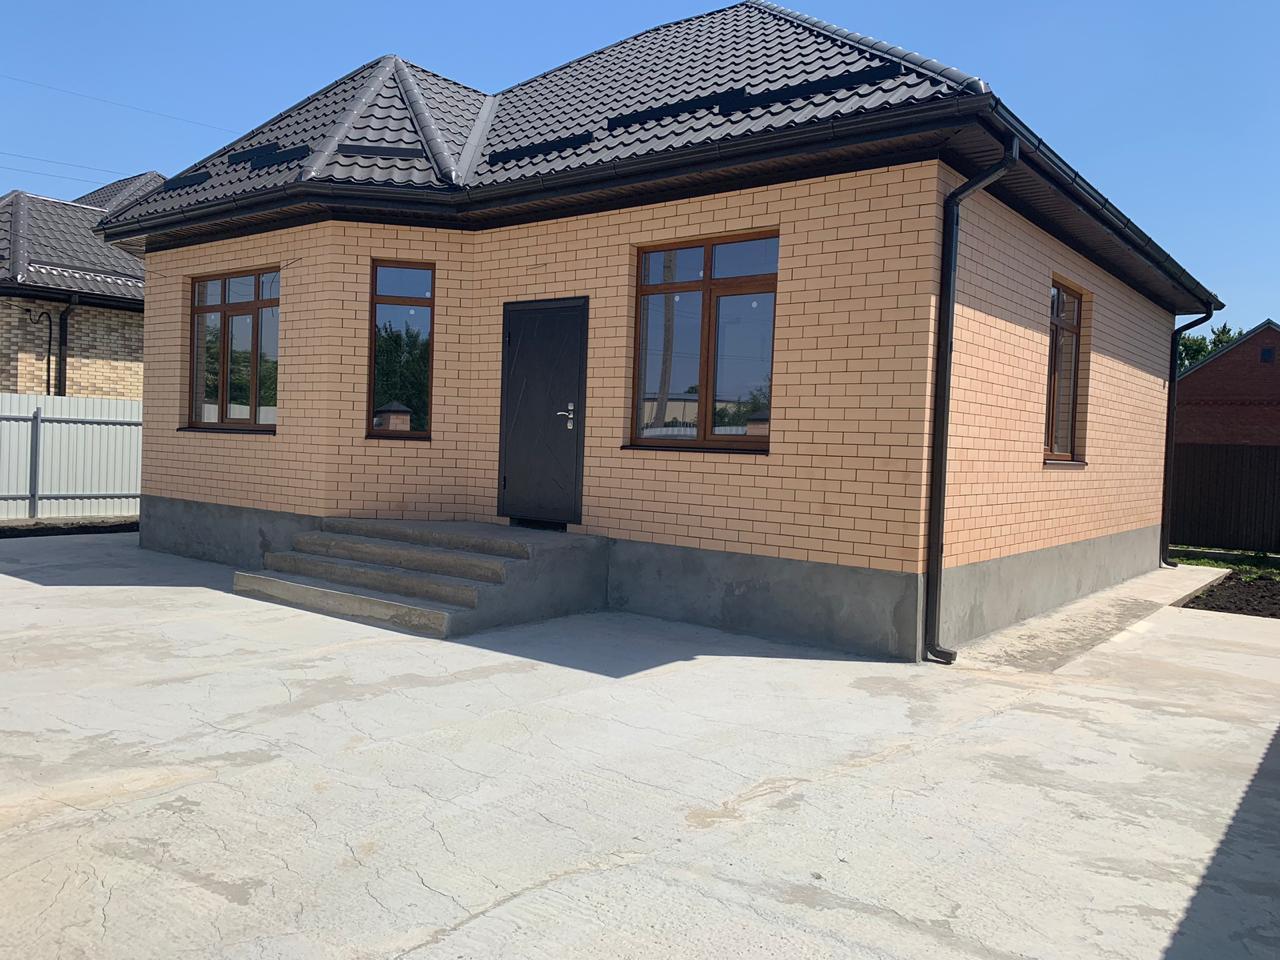 Дом в южном, 3,5 соток, 90 кв.м, ижс, 4 200 тыс.руб.